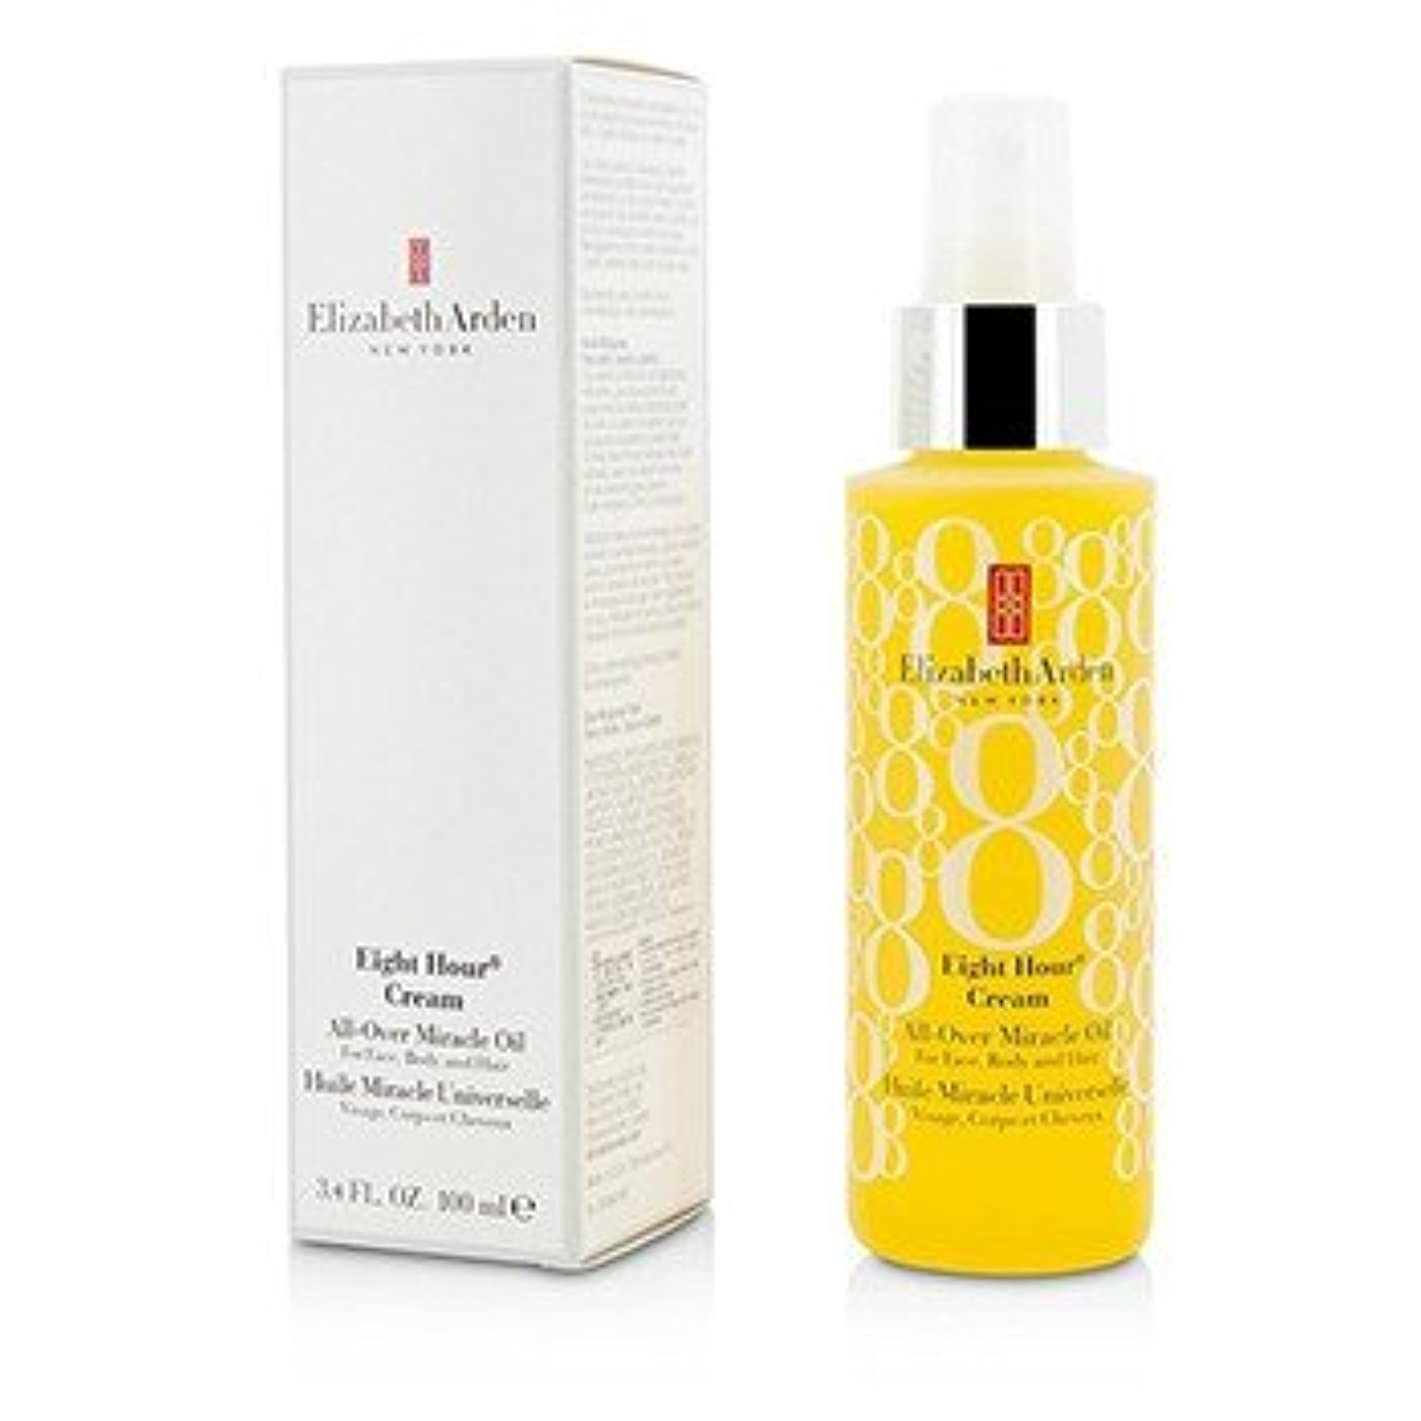 絶滅二週間のために[Elizabeth Arden] Eight Hour Cream All-Over Miracle Oil - For Face Body & Hair